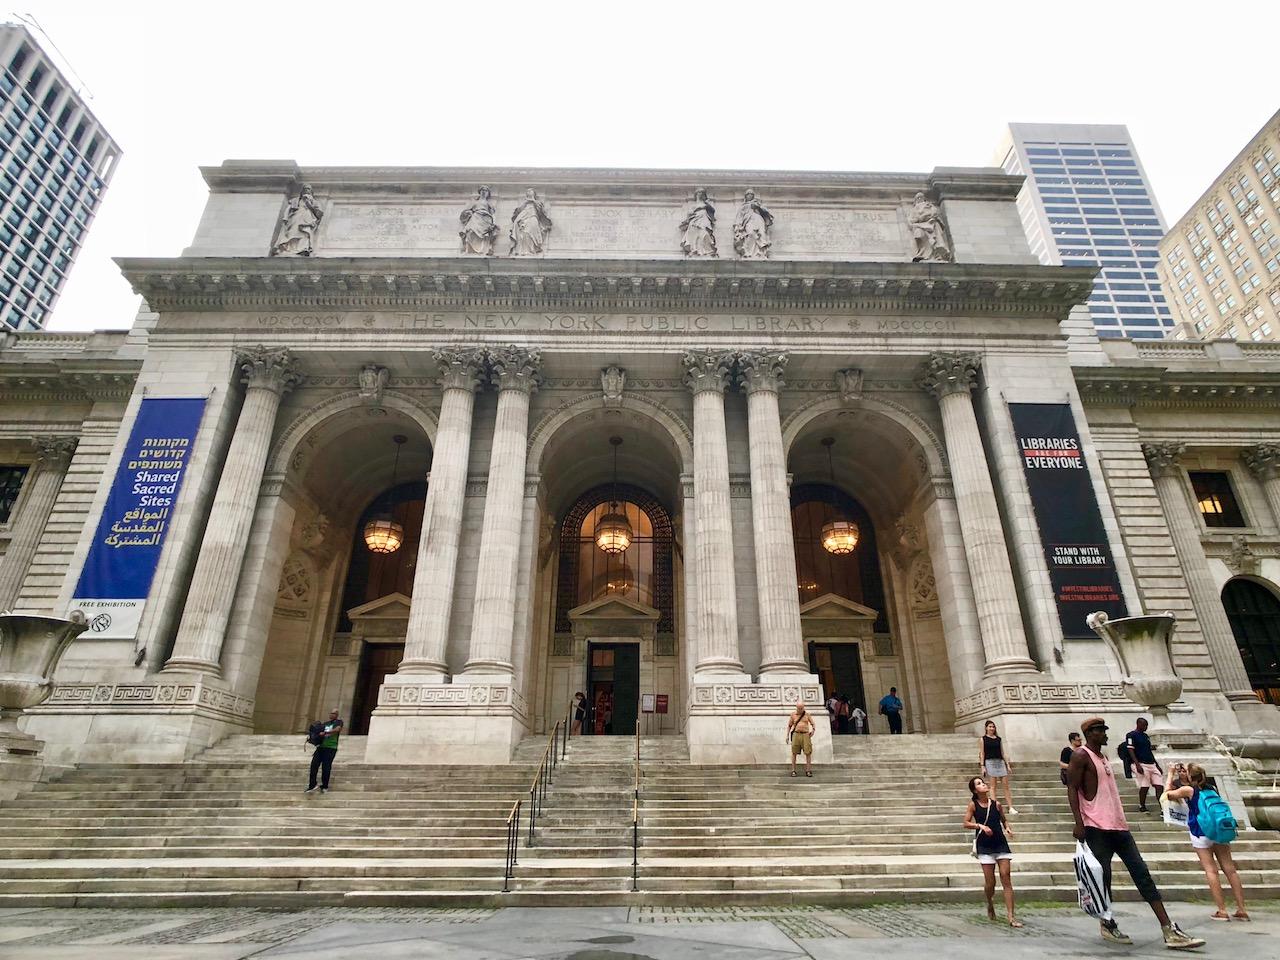 뉴욕에 살고 싶다고 느끼게 했던 뉴욕 공공 도서관의 파사드